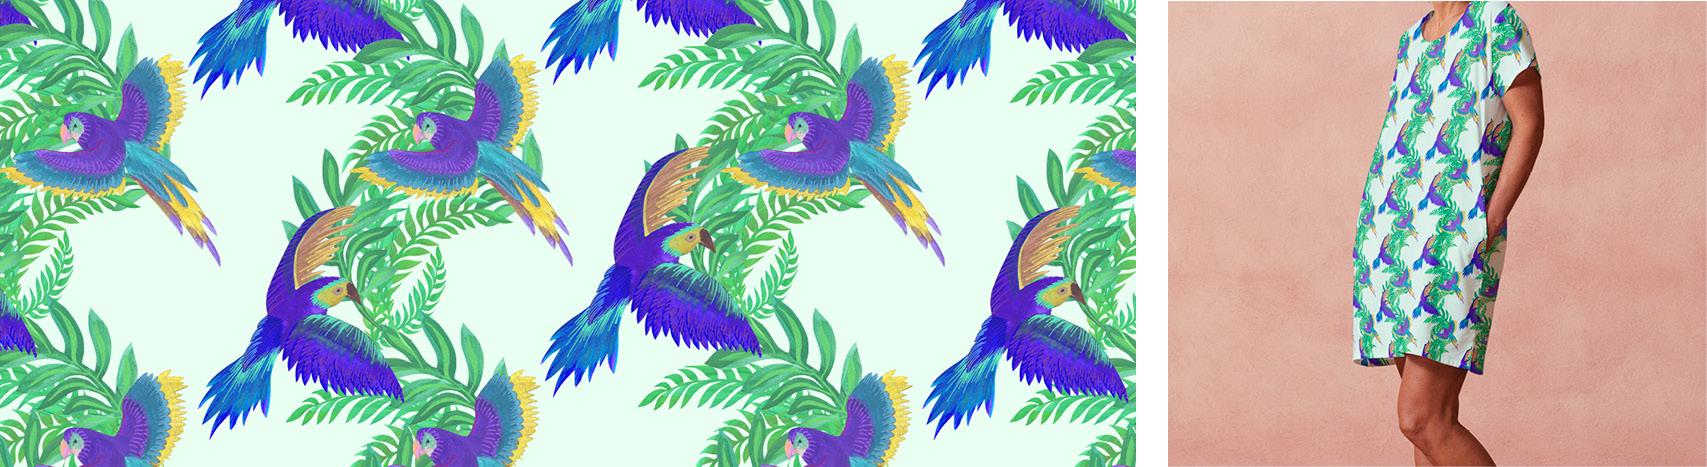 Motif perroquet par Florie Nguyen Van